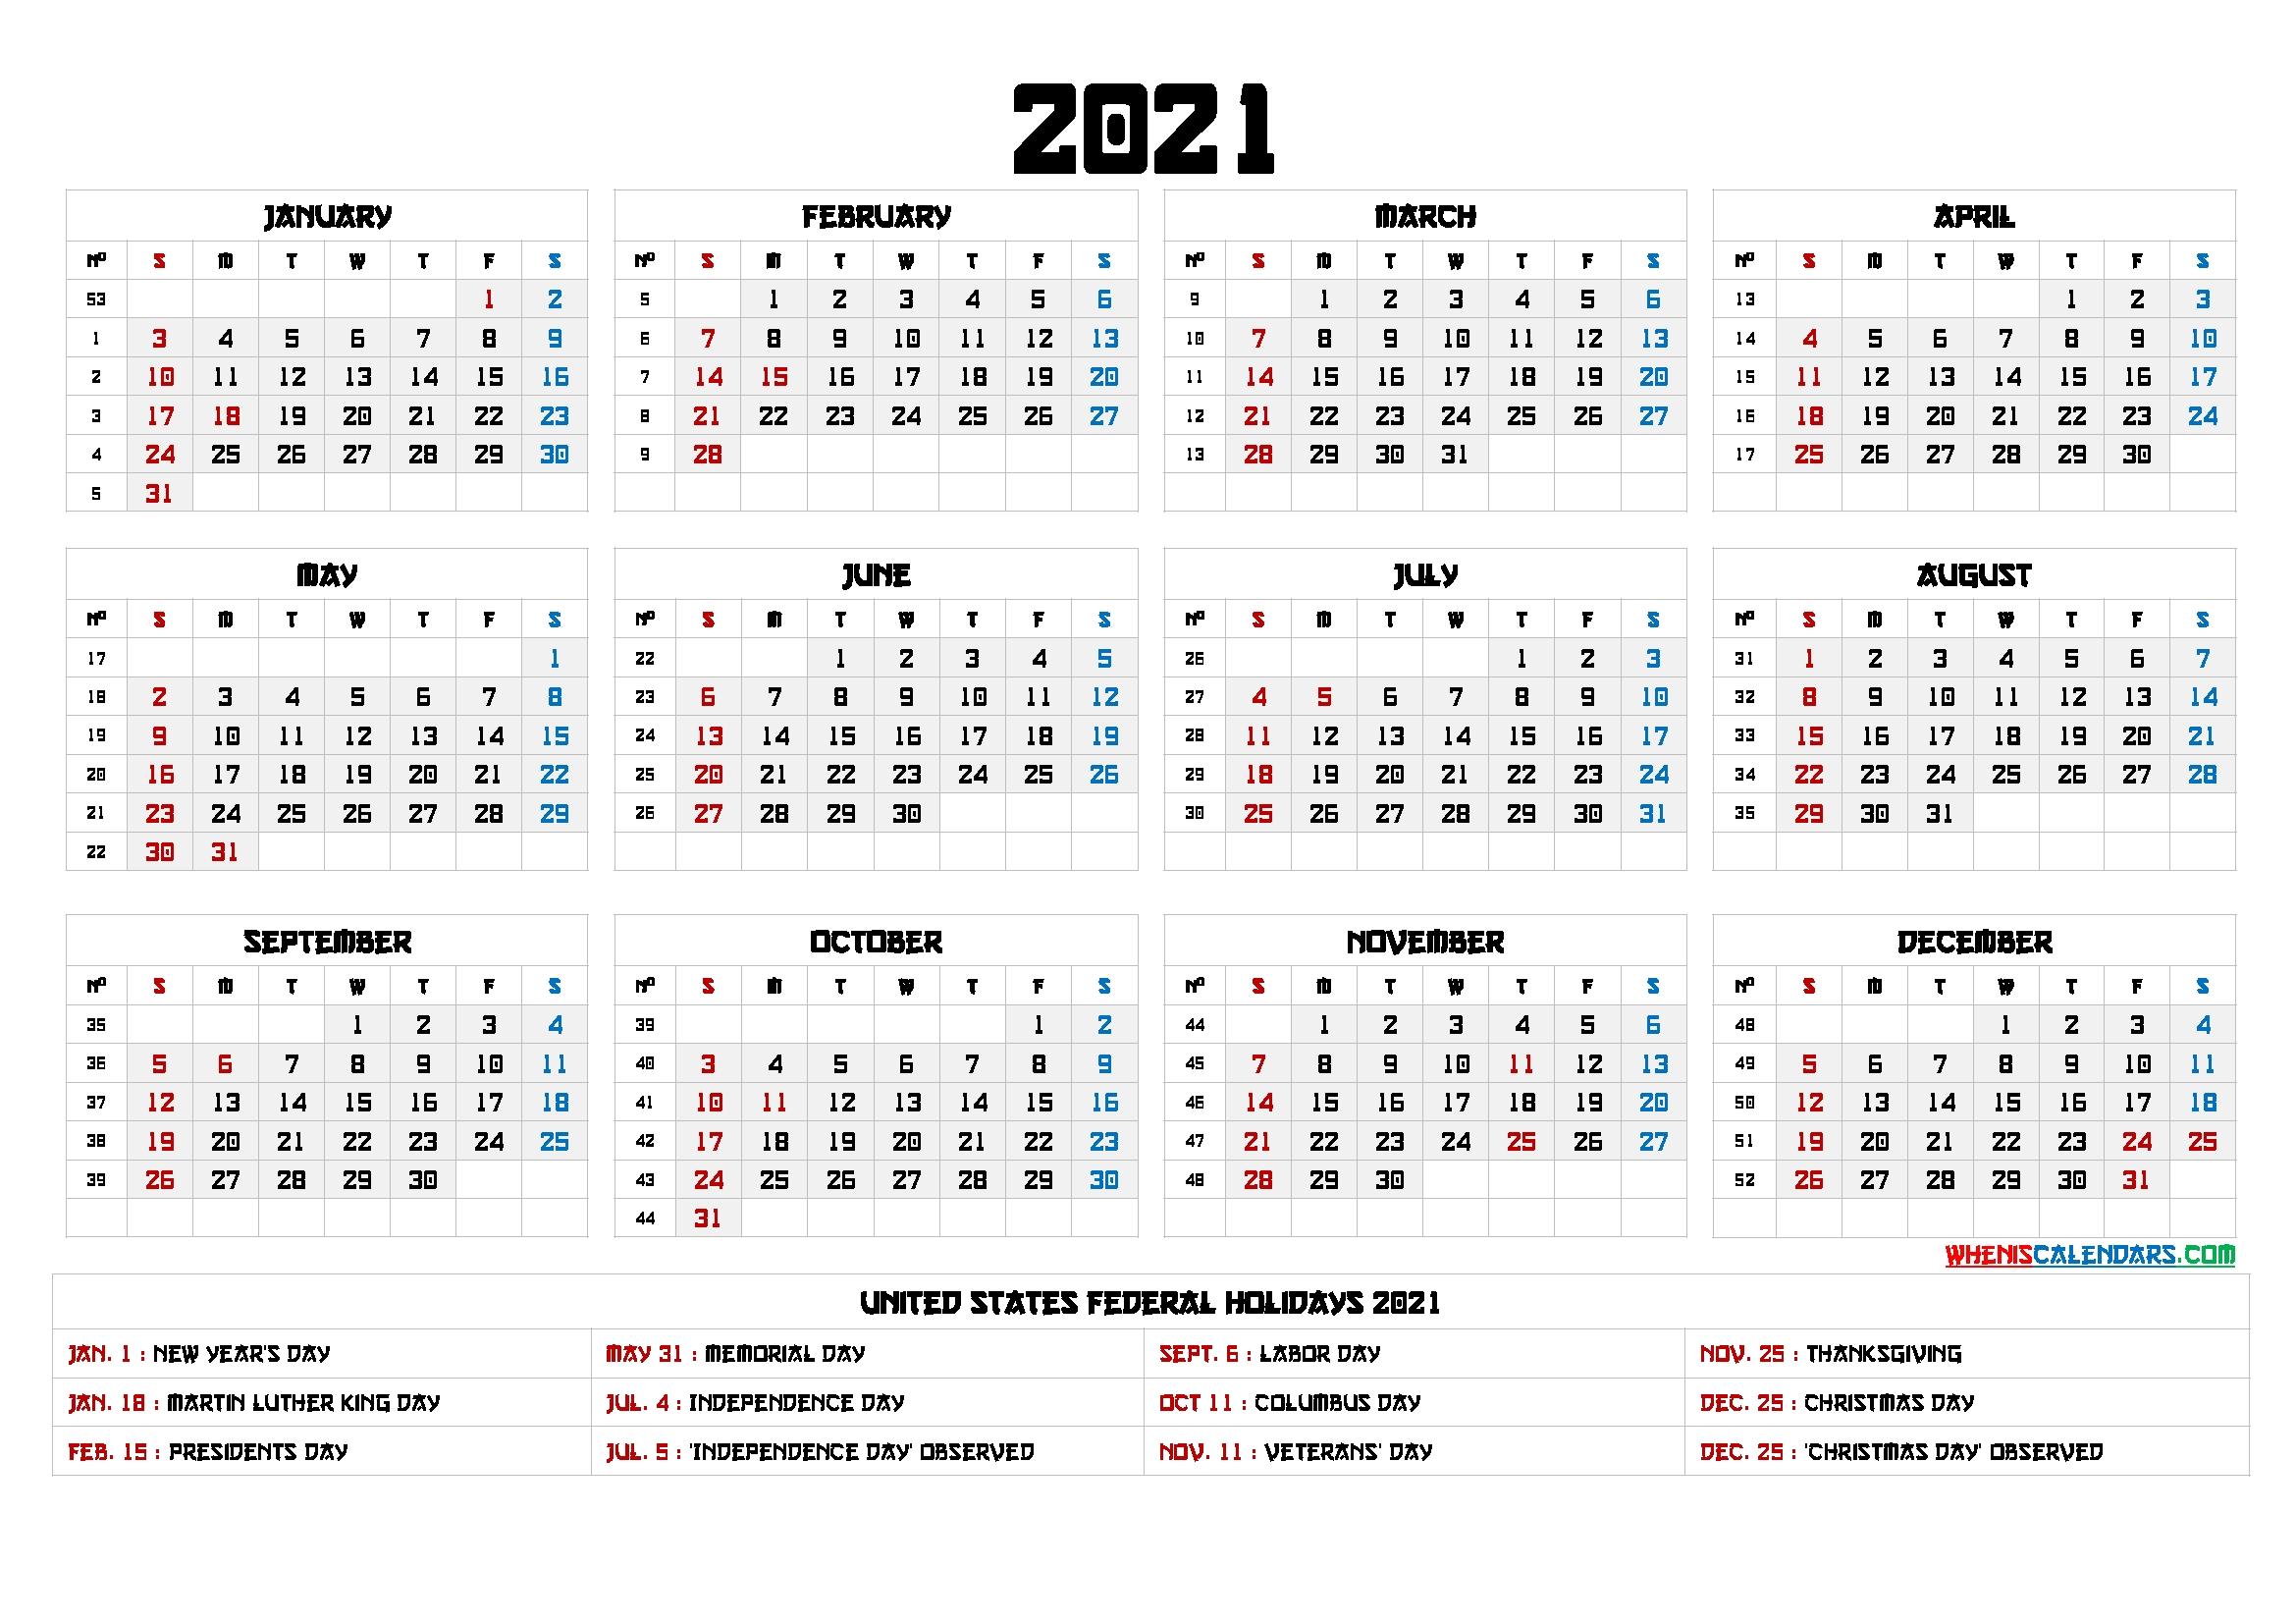 2021 Calendar With Week Numbers Printable - 6 Templates | Free Printable 2020 Calendar With Holidays